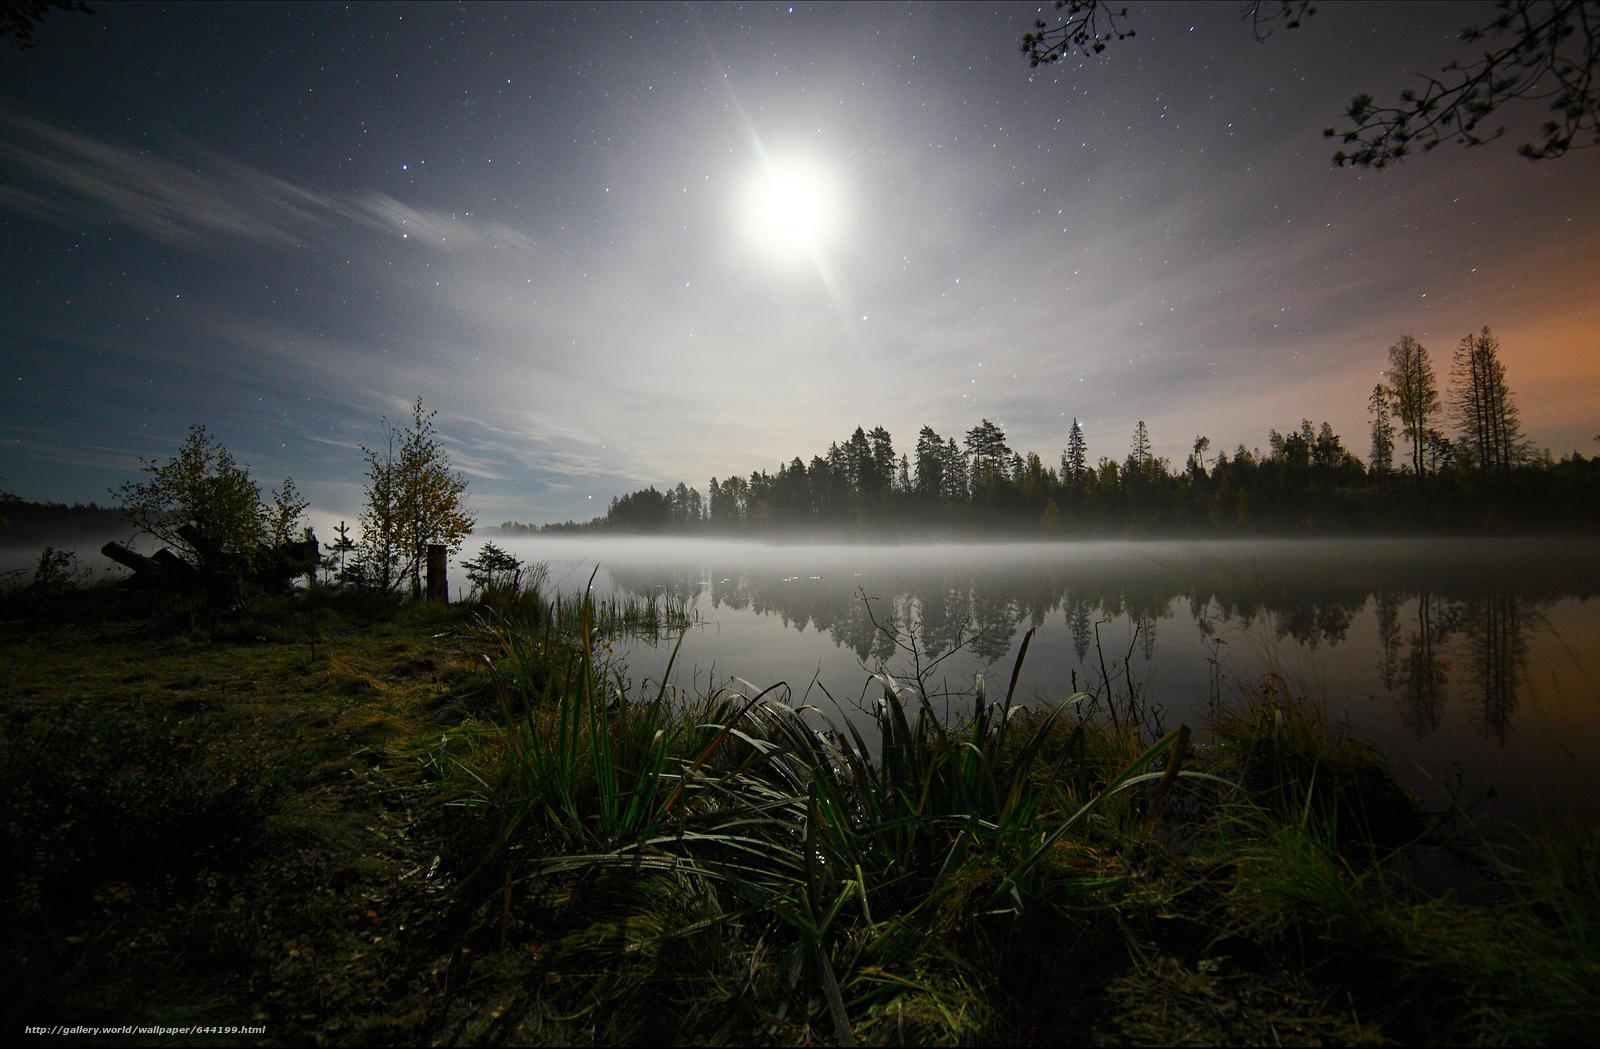 Скачать обои Ночь,  звёзды,  трава,  деревья бесплатно для рабочего стола в разрешении 3500x2295 — картинка №644199